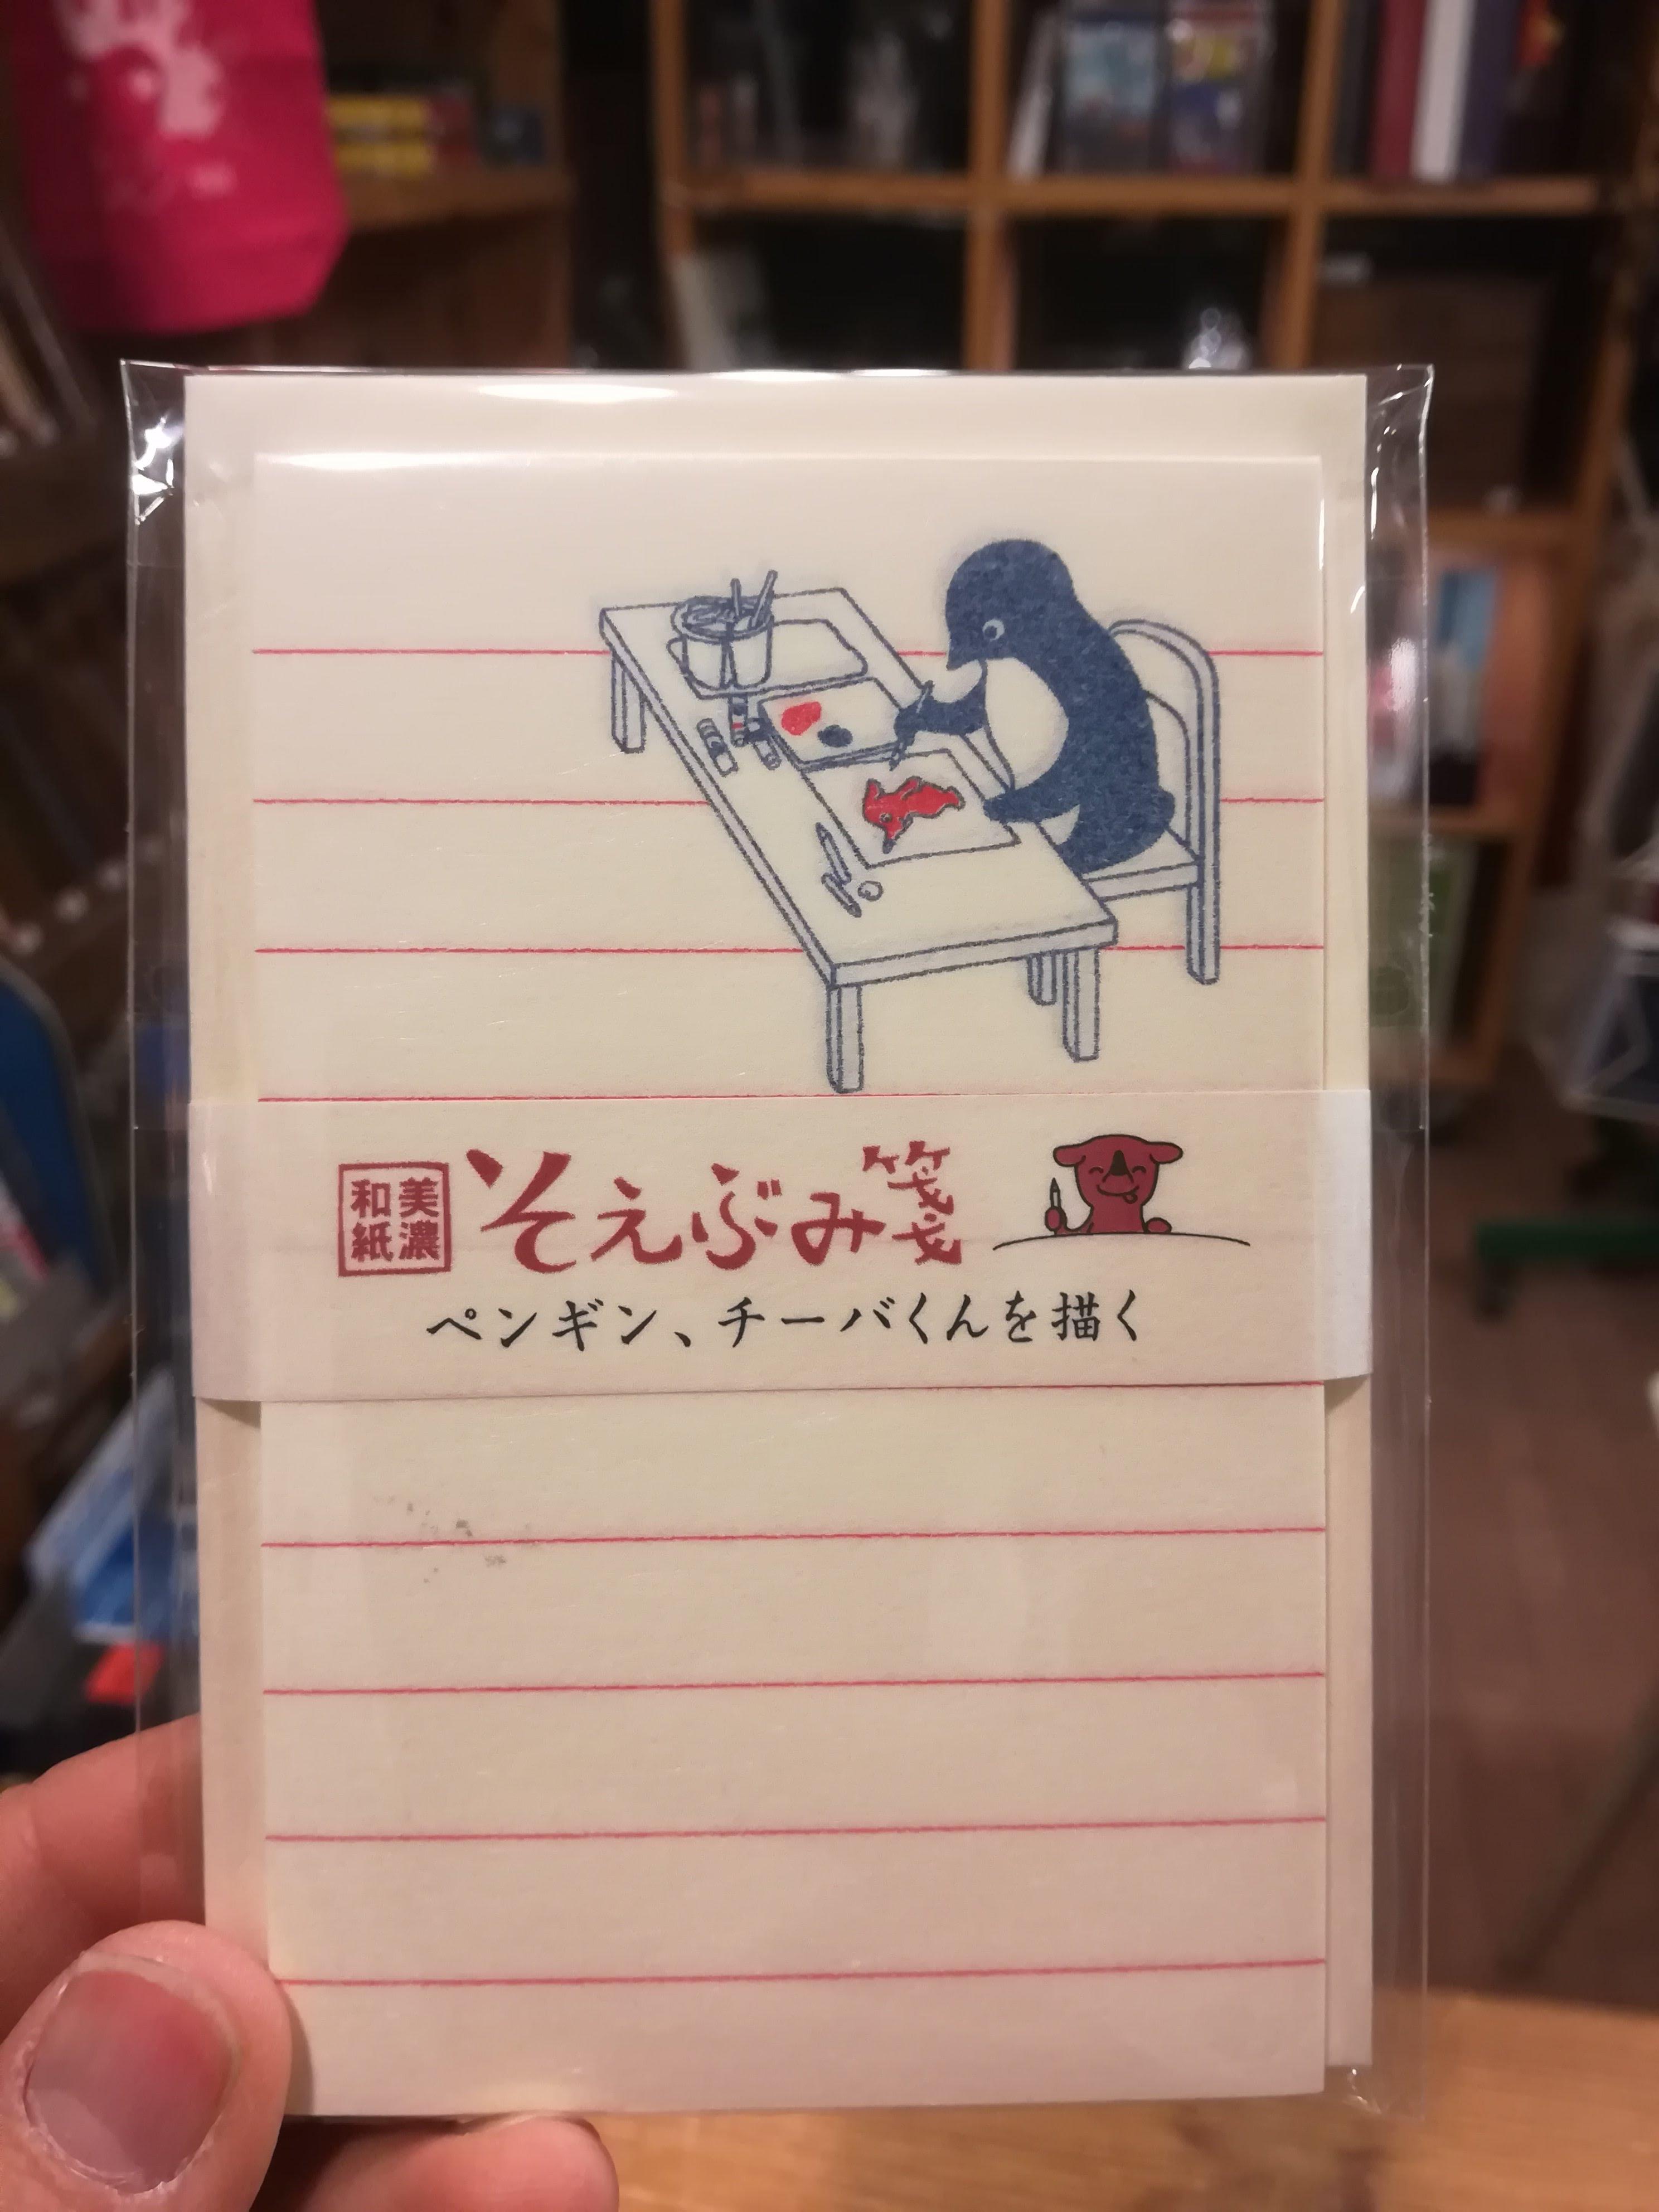 【文具の博覧会in うめだ阪急百貨店】そえぶみ箋販売します。